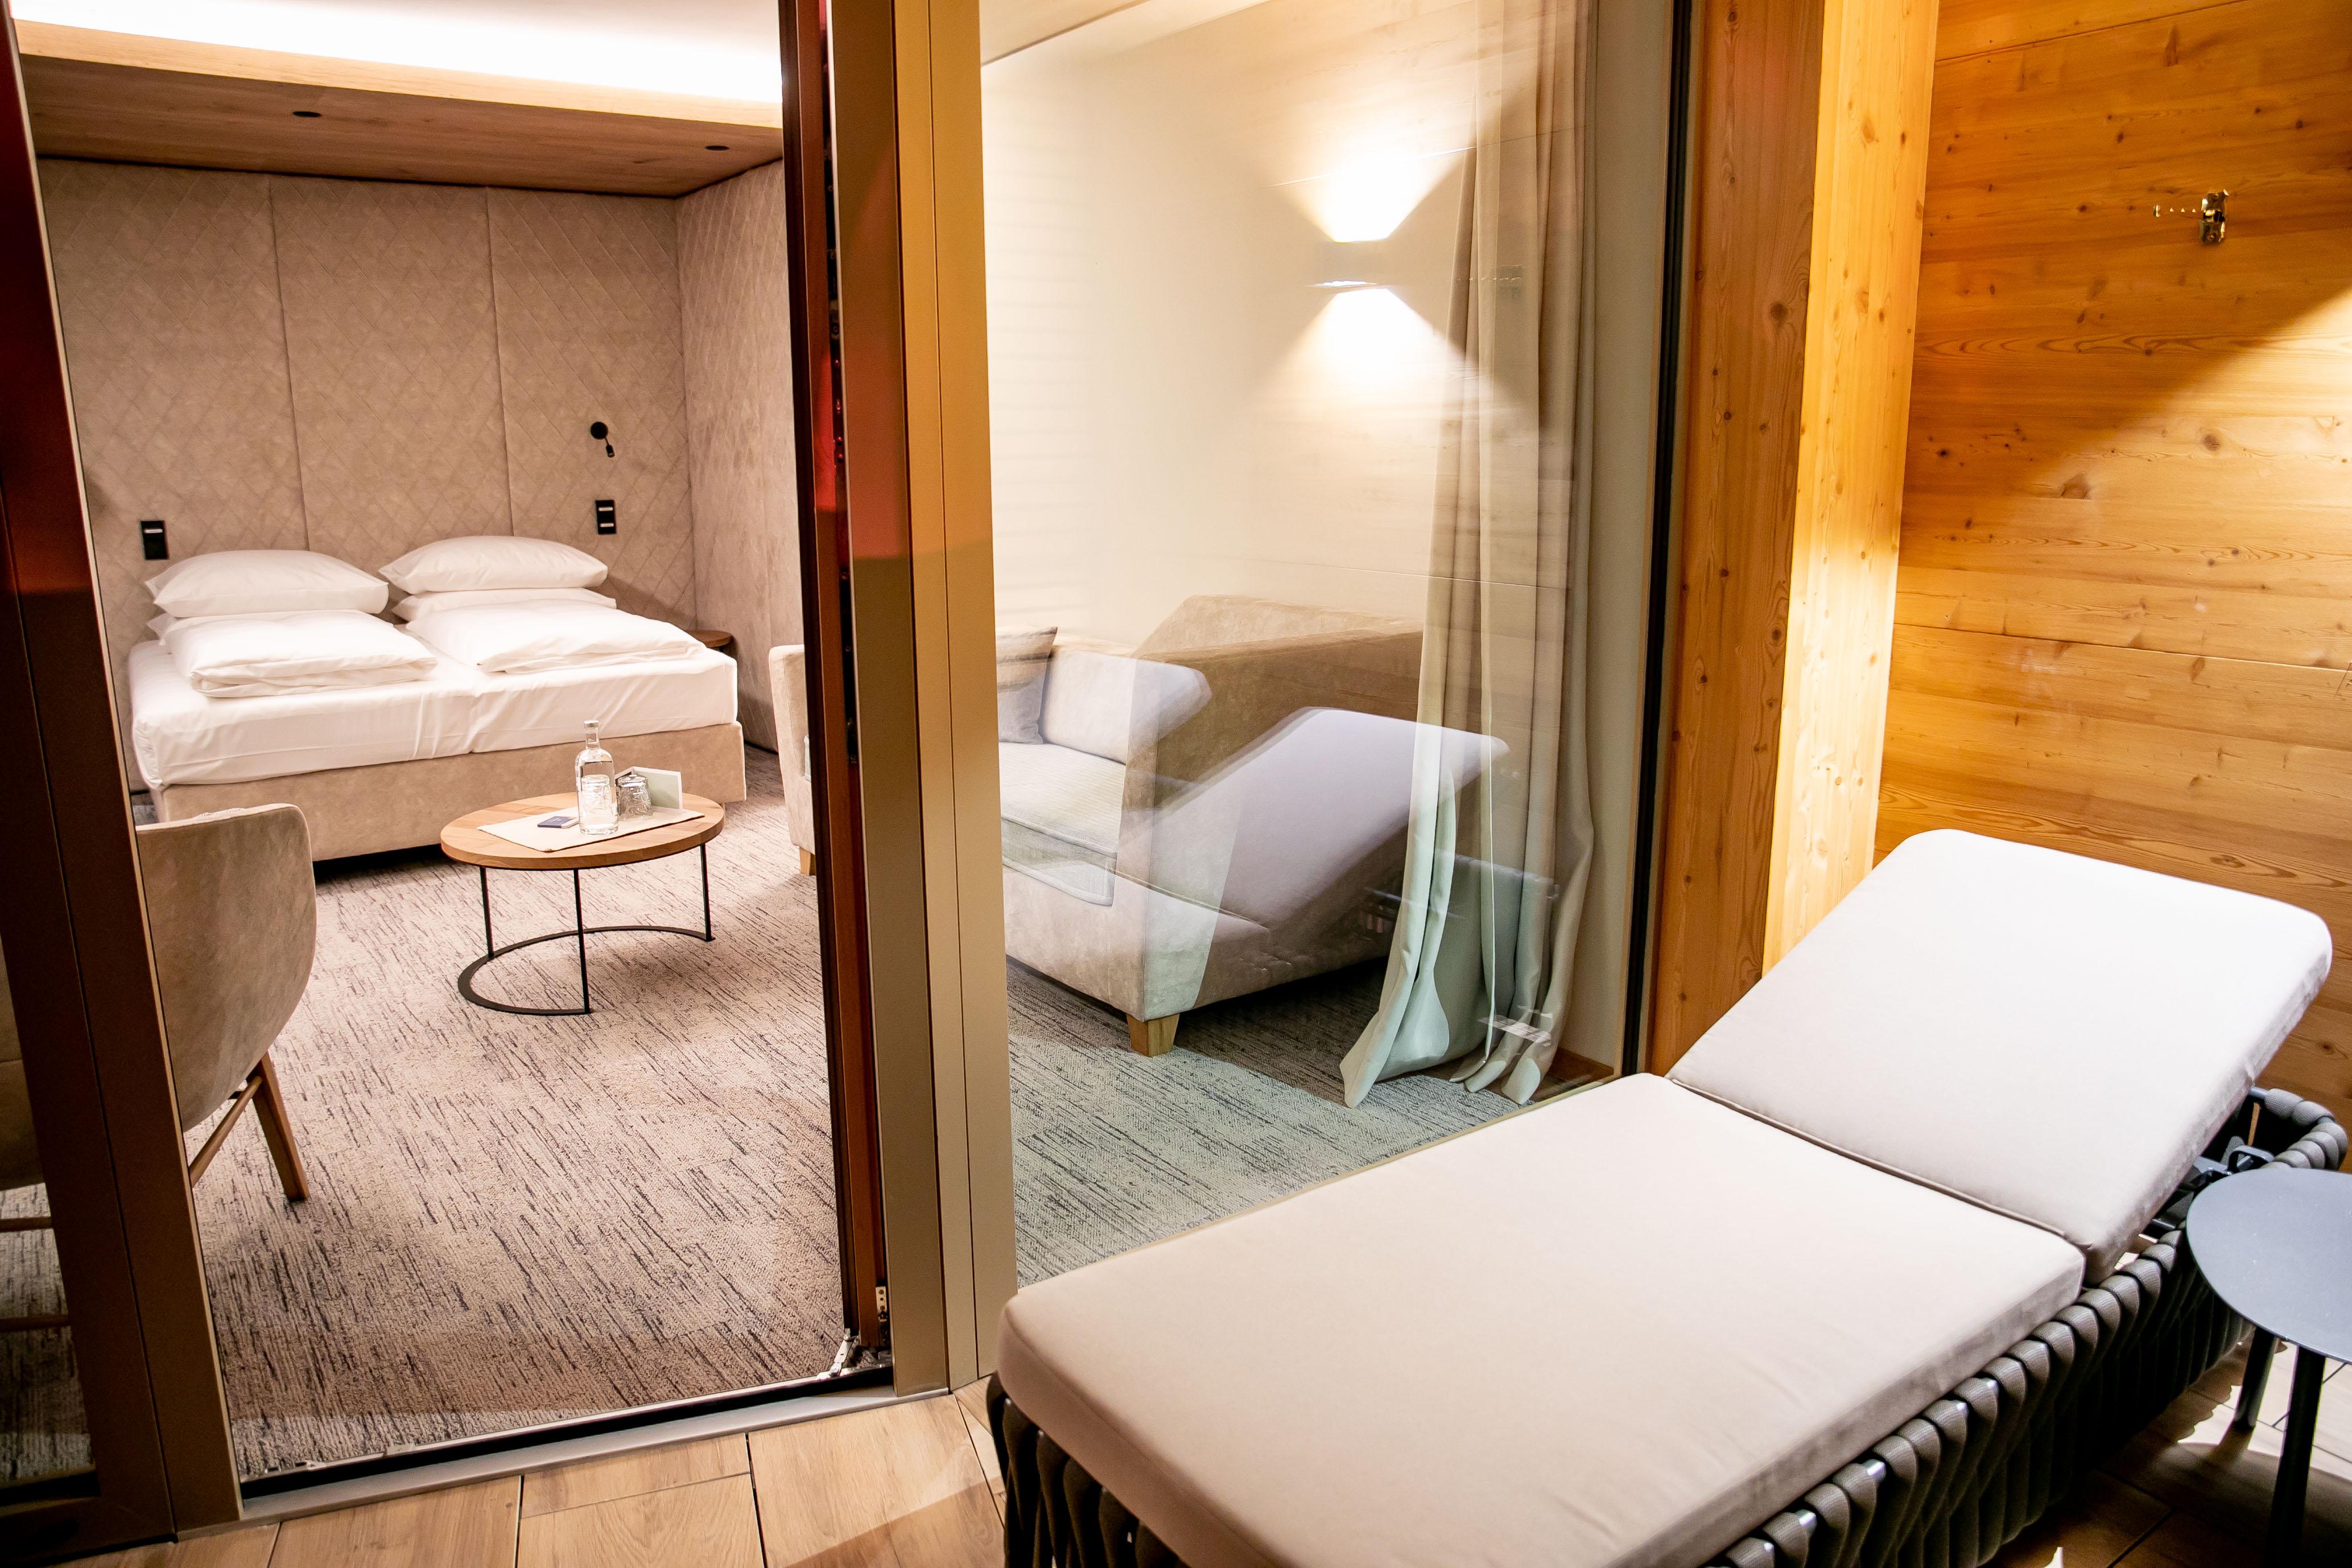 Hotel Edelweiss, Eröffnung nach Umbau, Großarl, Salzburg, 20190920, ©www.wildbild.at